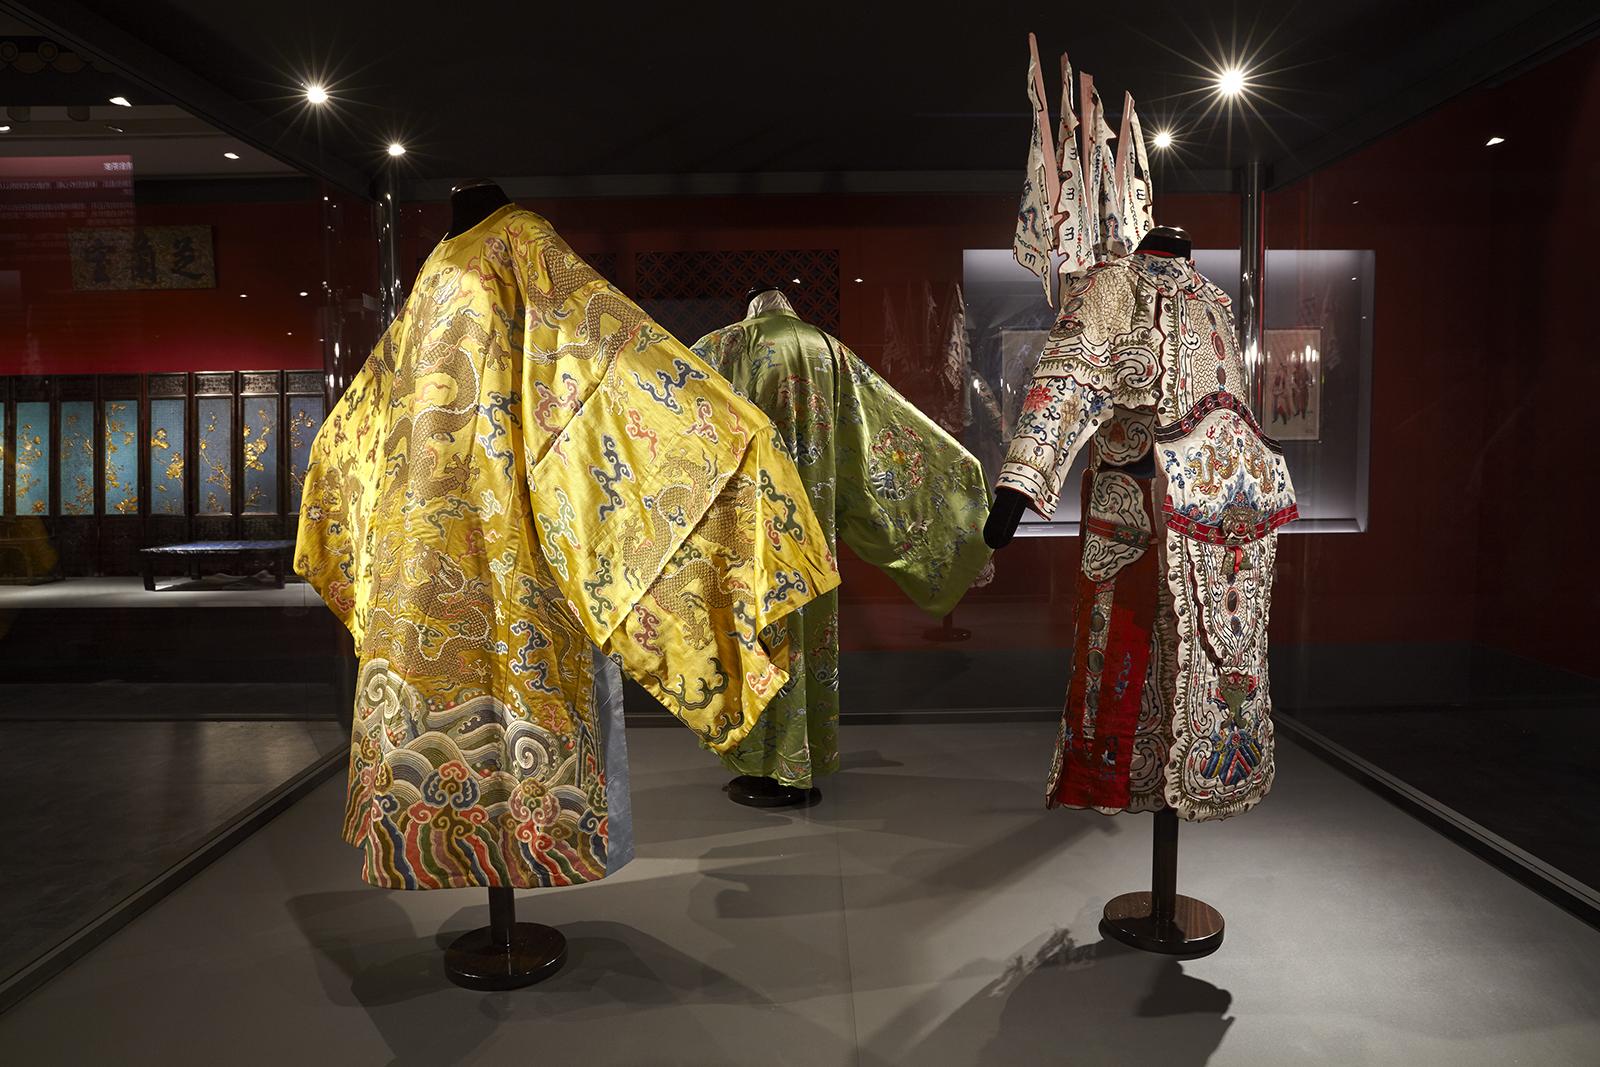 Θεατρικά κοστούμια από τις ιδιωτικές παραστάσεις που οργανώνονταν στο Παλάτι του Πολλαπλού Μεγαλείου Δυναστεία Qing, Βασιλεία Qianlong (1735 – 1796)